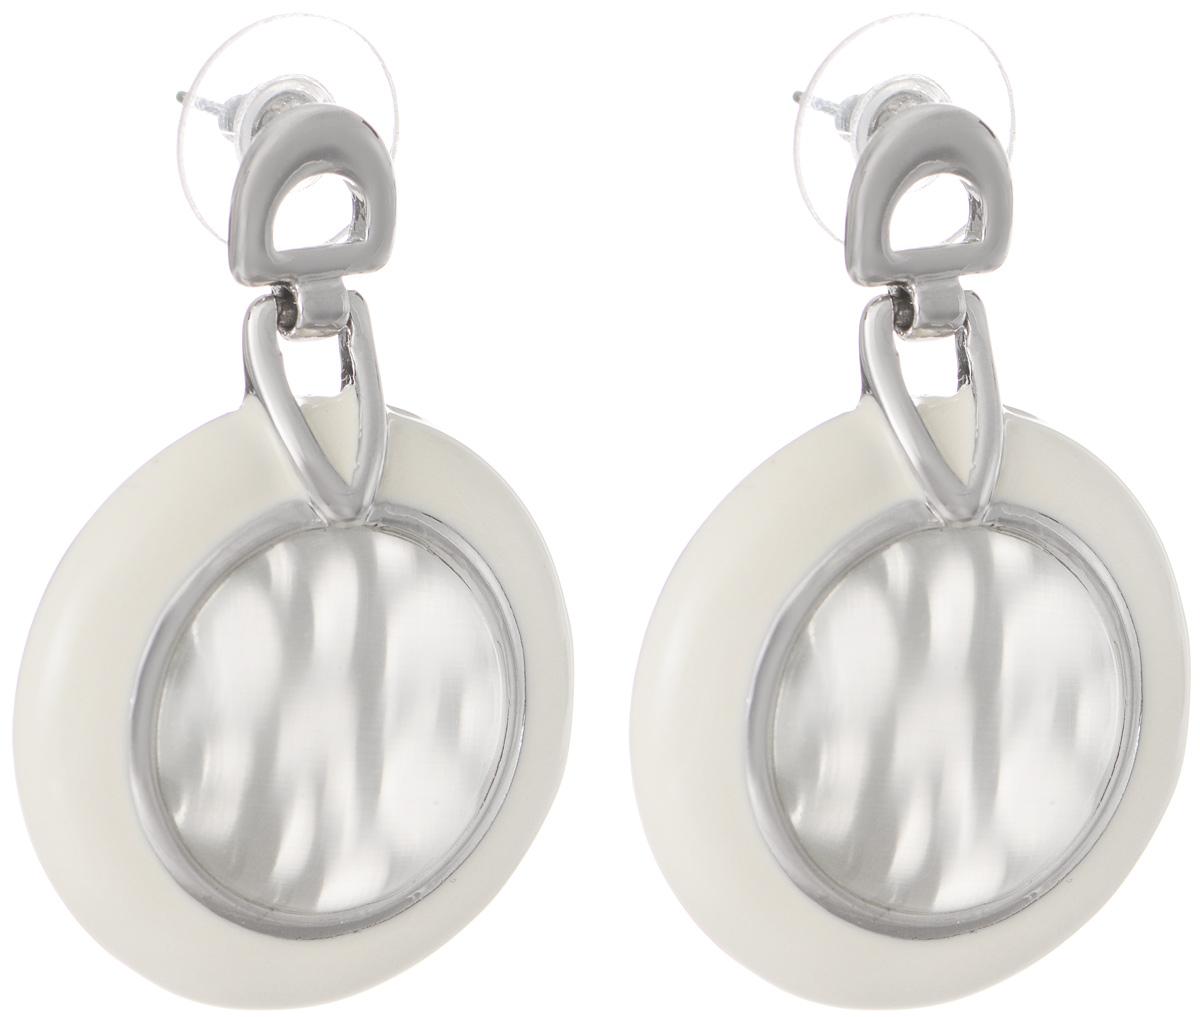 Серьги Art-Silver, цвет: серебряный, белый. V058150-002-891Серьги с подвескамиОригинальные серьги Art-Silver выполнены из бижутерного сплава, с легкостью завершат ваш образ. В качестве основы украшения использован замок-гвоздик с фиксатором из металла и пластика. Серьги дополнены оригинальными подвижными подвесками. Подвески имеют округлую форму, покрыты эмалью и дополнены вставками из кошачьего глаза.Стильные серьги придадут вашему образу изюминку, подчеркнут красоту и изящество вечернего платья или преобразят повседневный наряд.